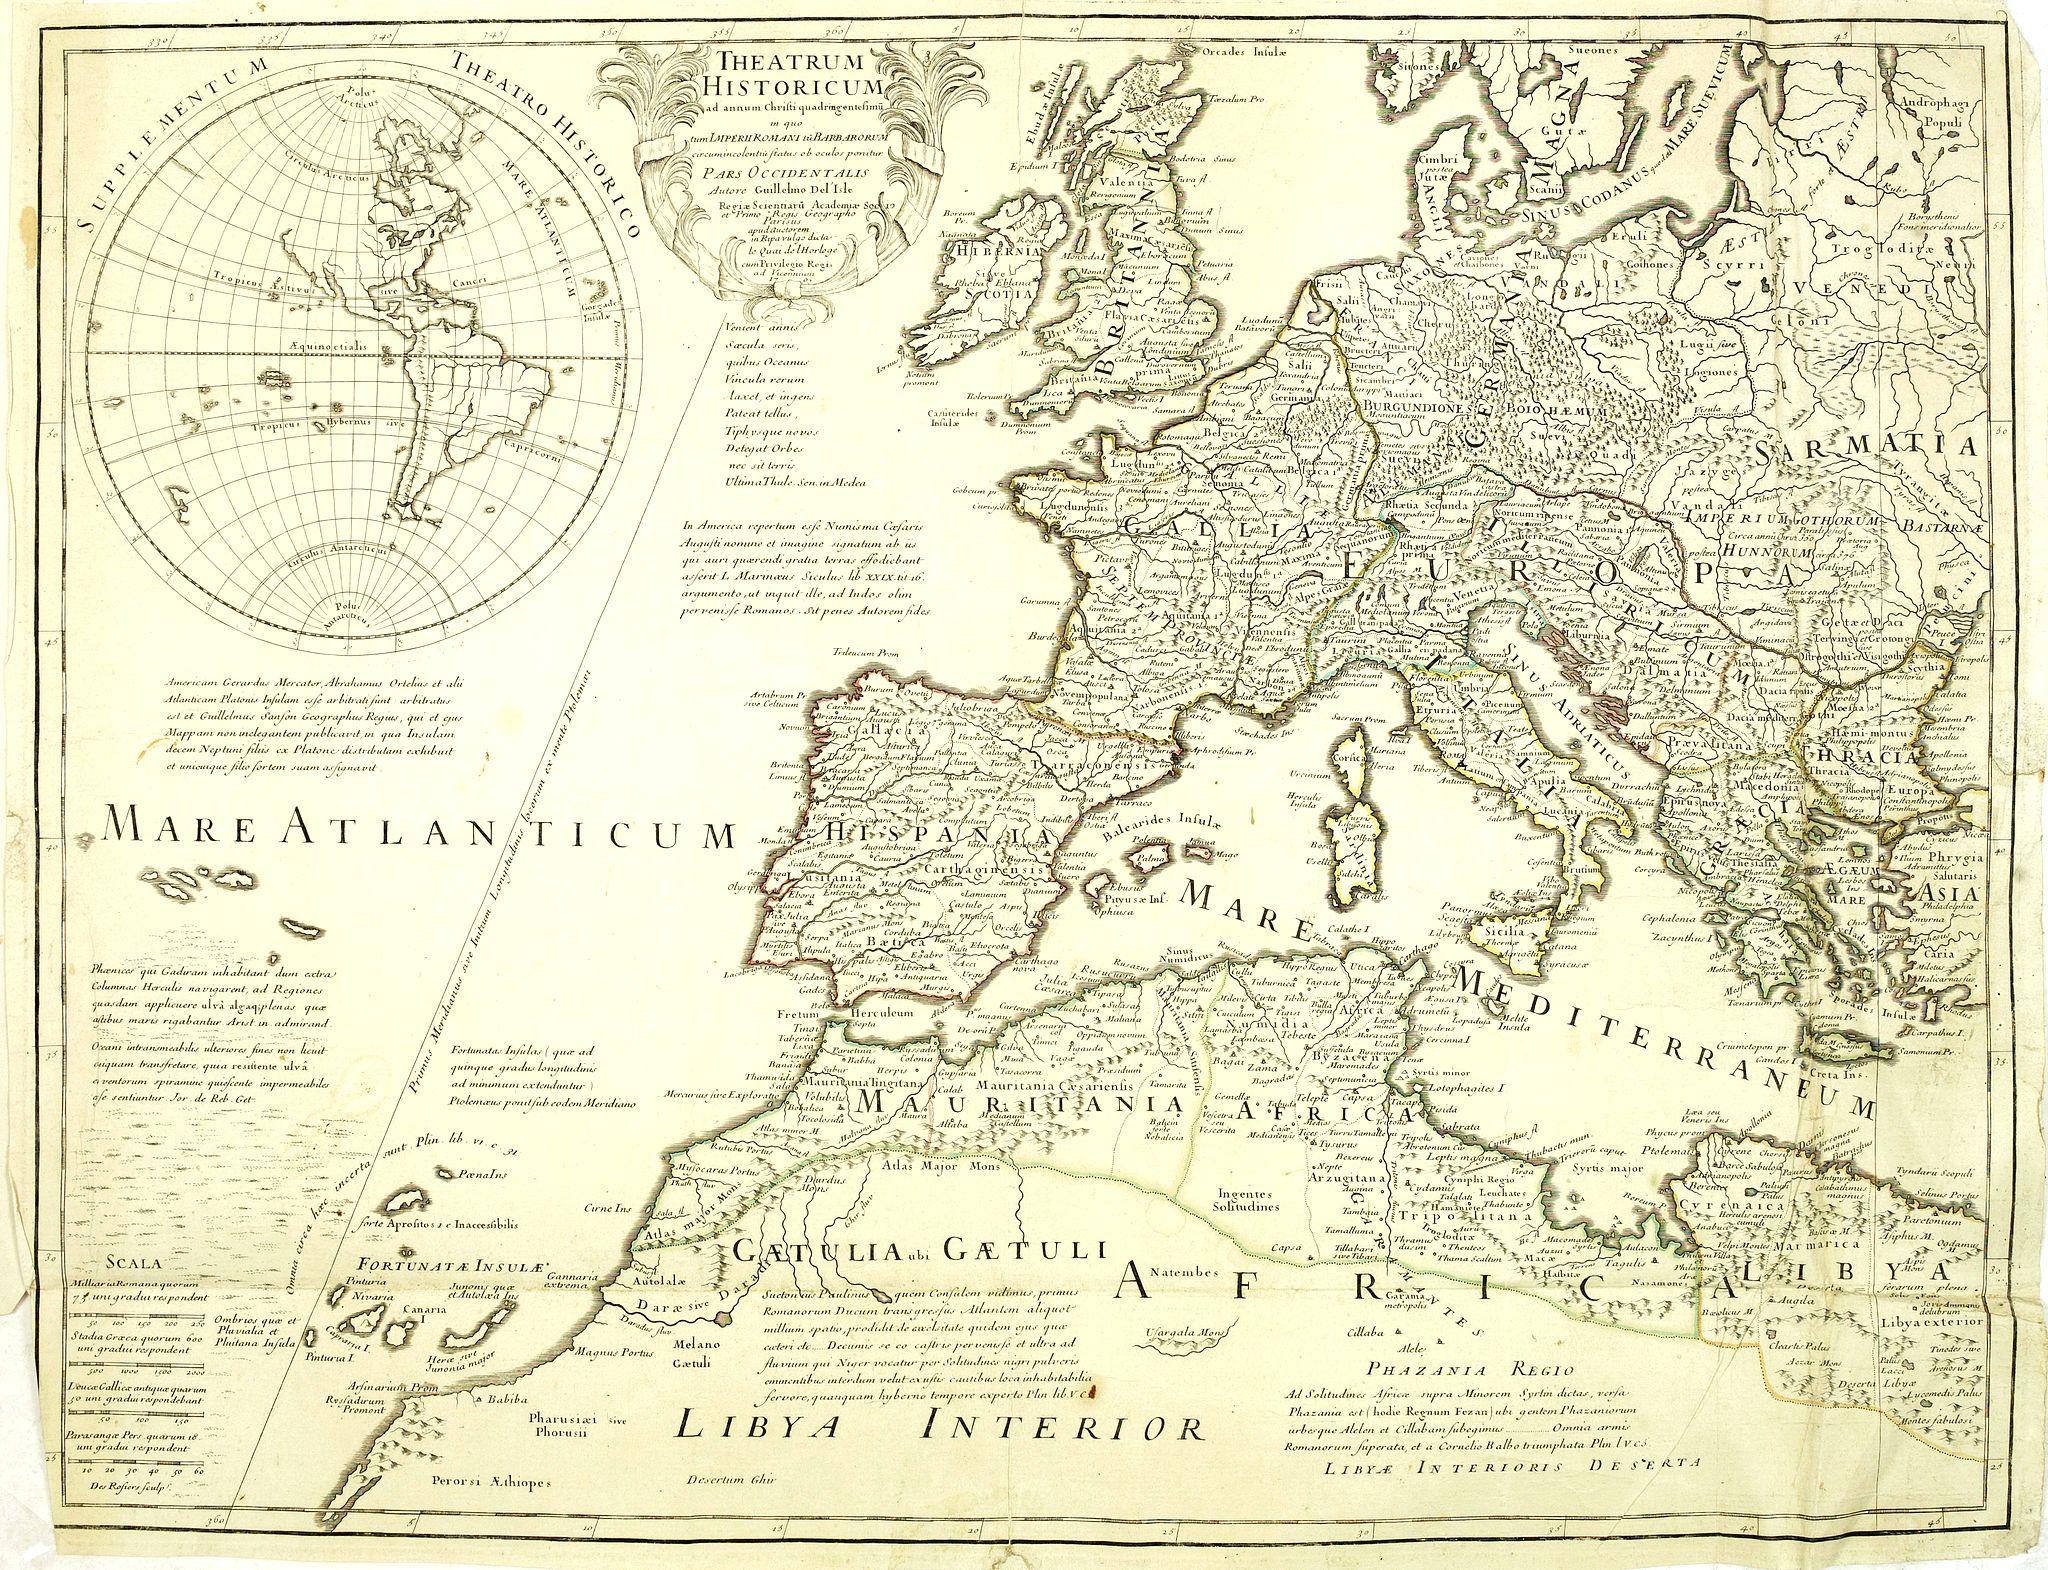 DE L'ISLE,G. -  Theatrum Historicum. . . Romani tu Barbarorum. . . Pars Occidentalis. . .